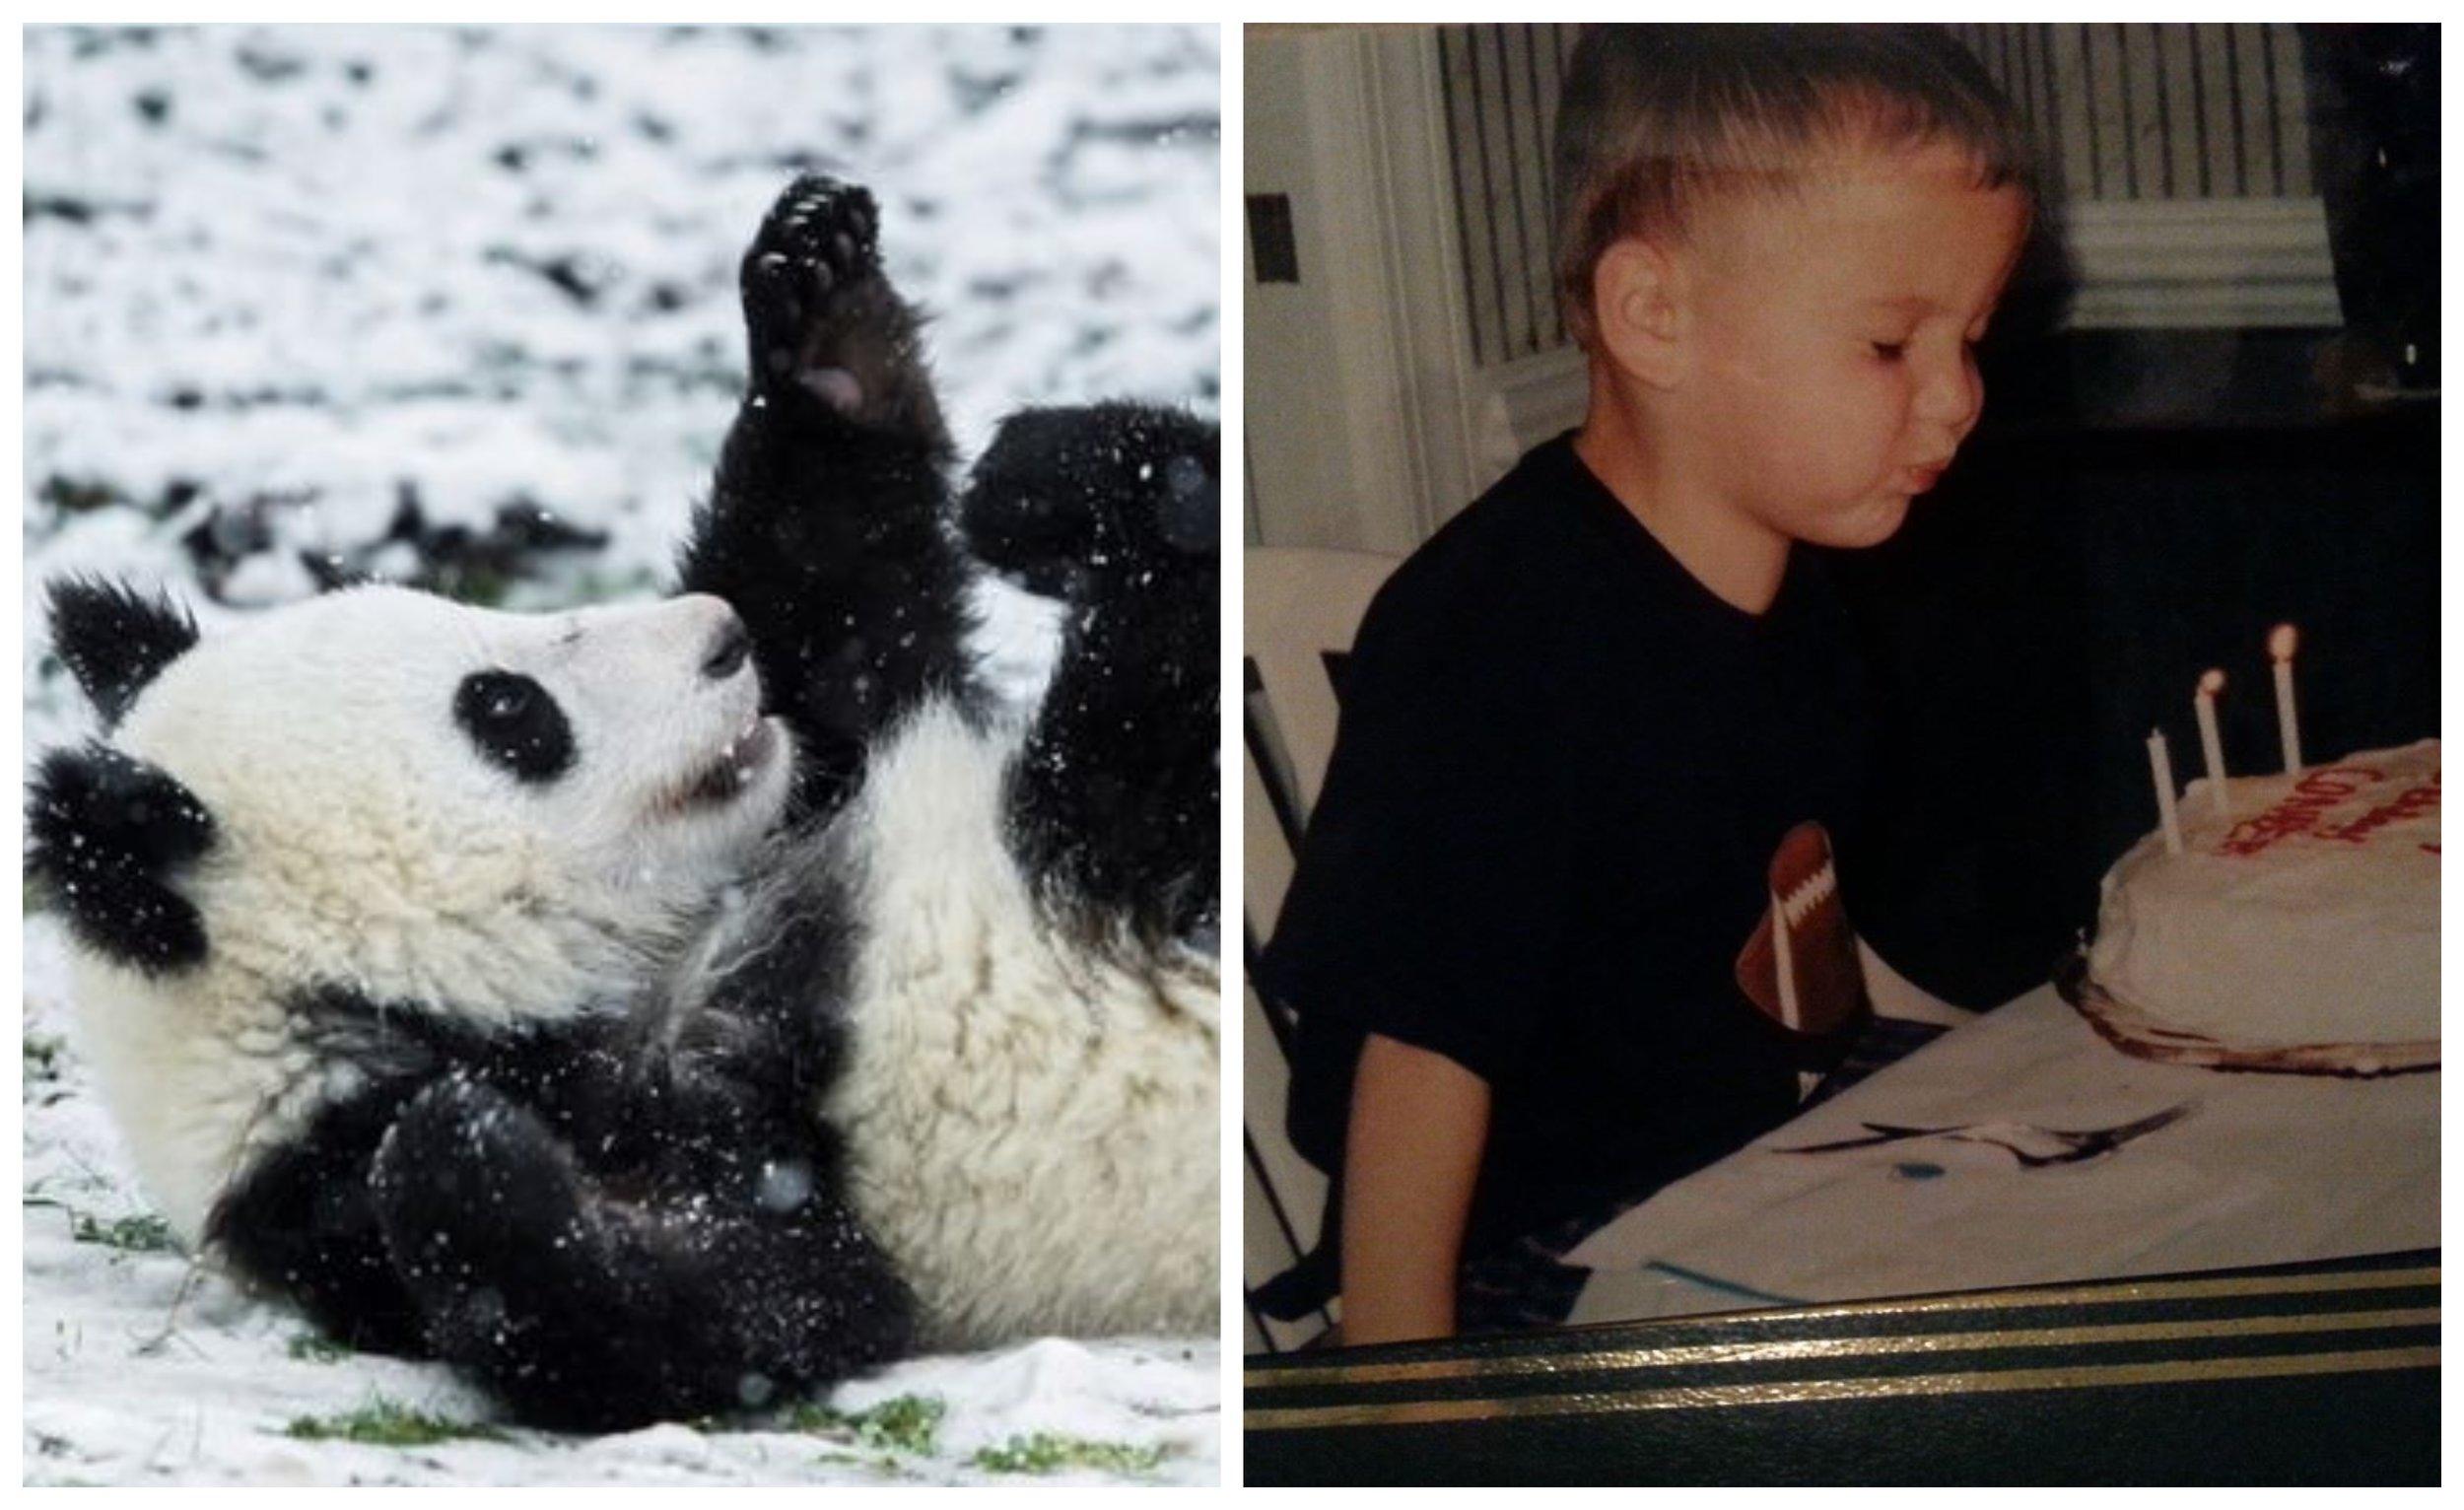 Conner - Panda